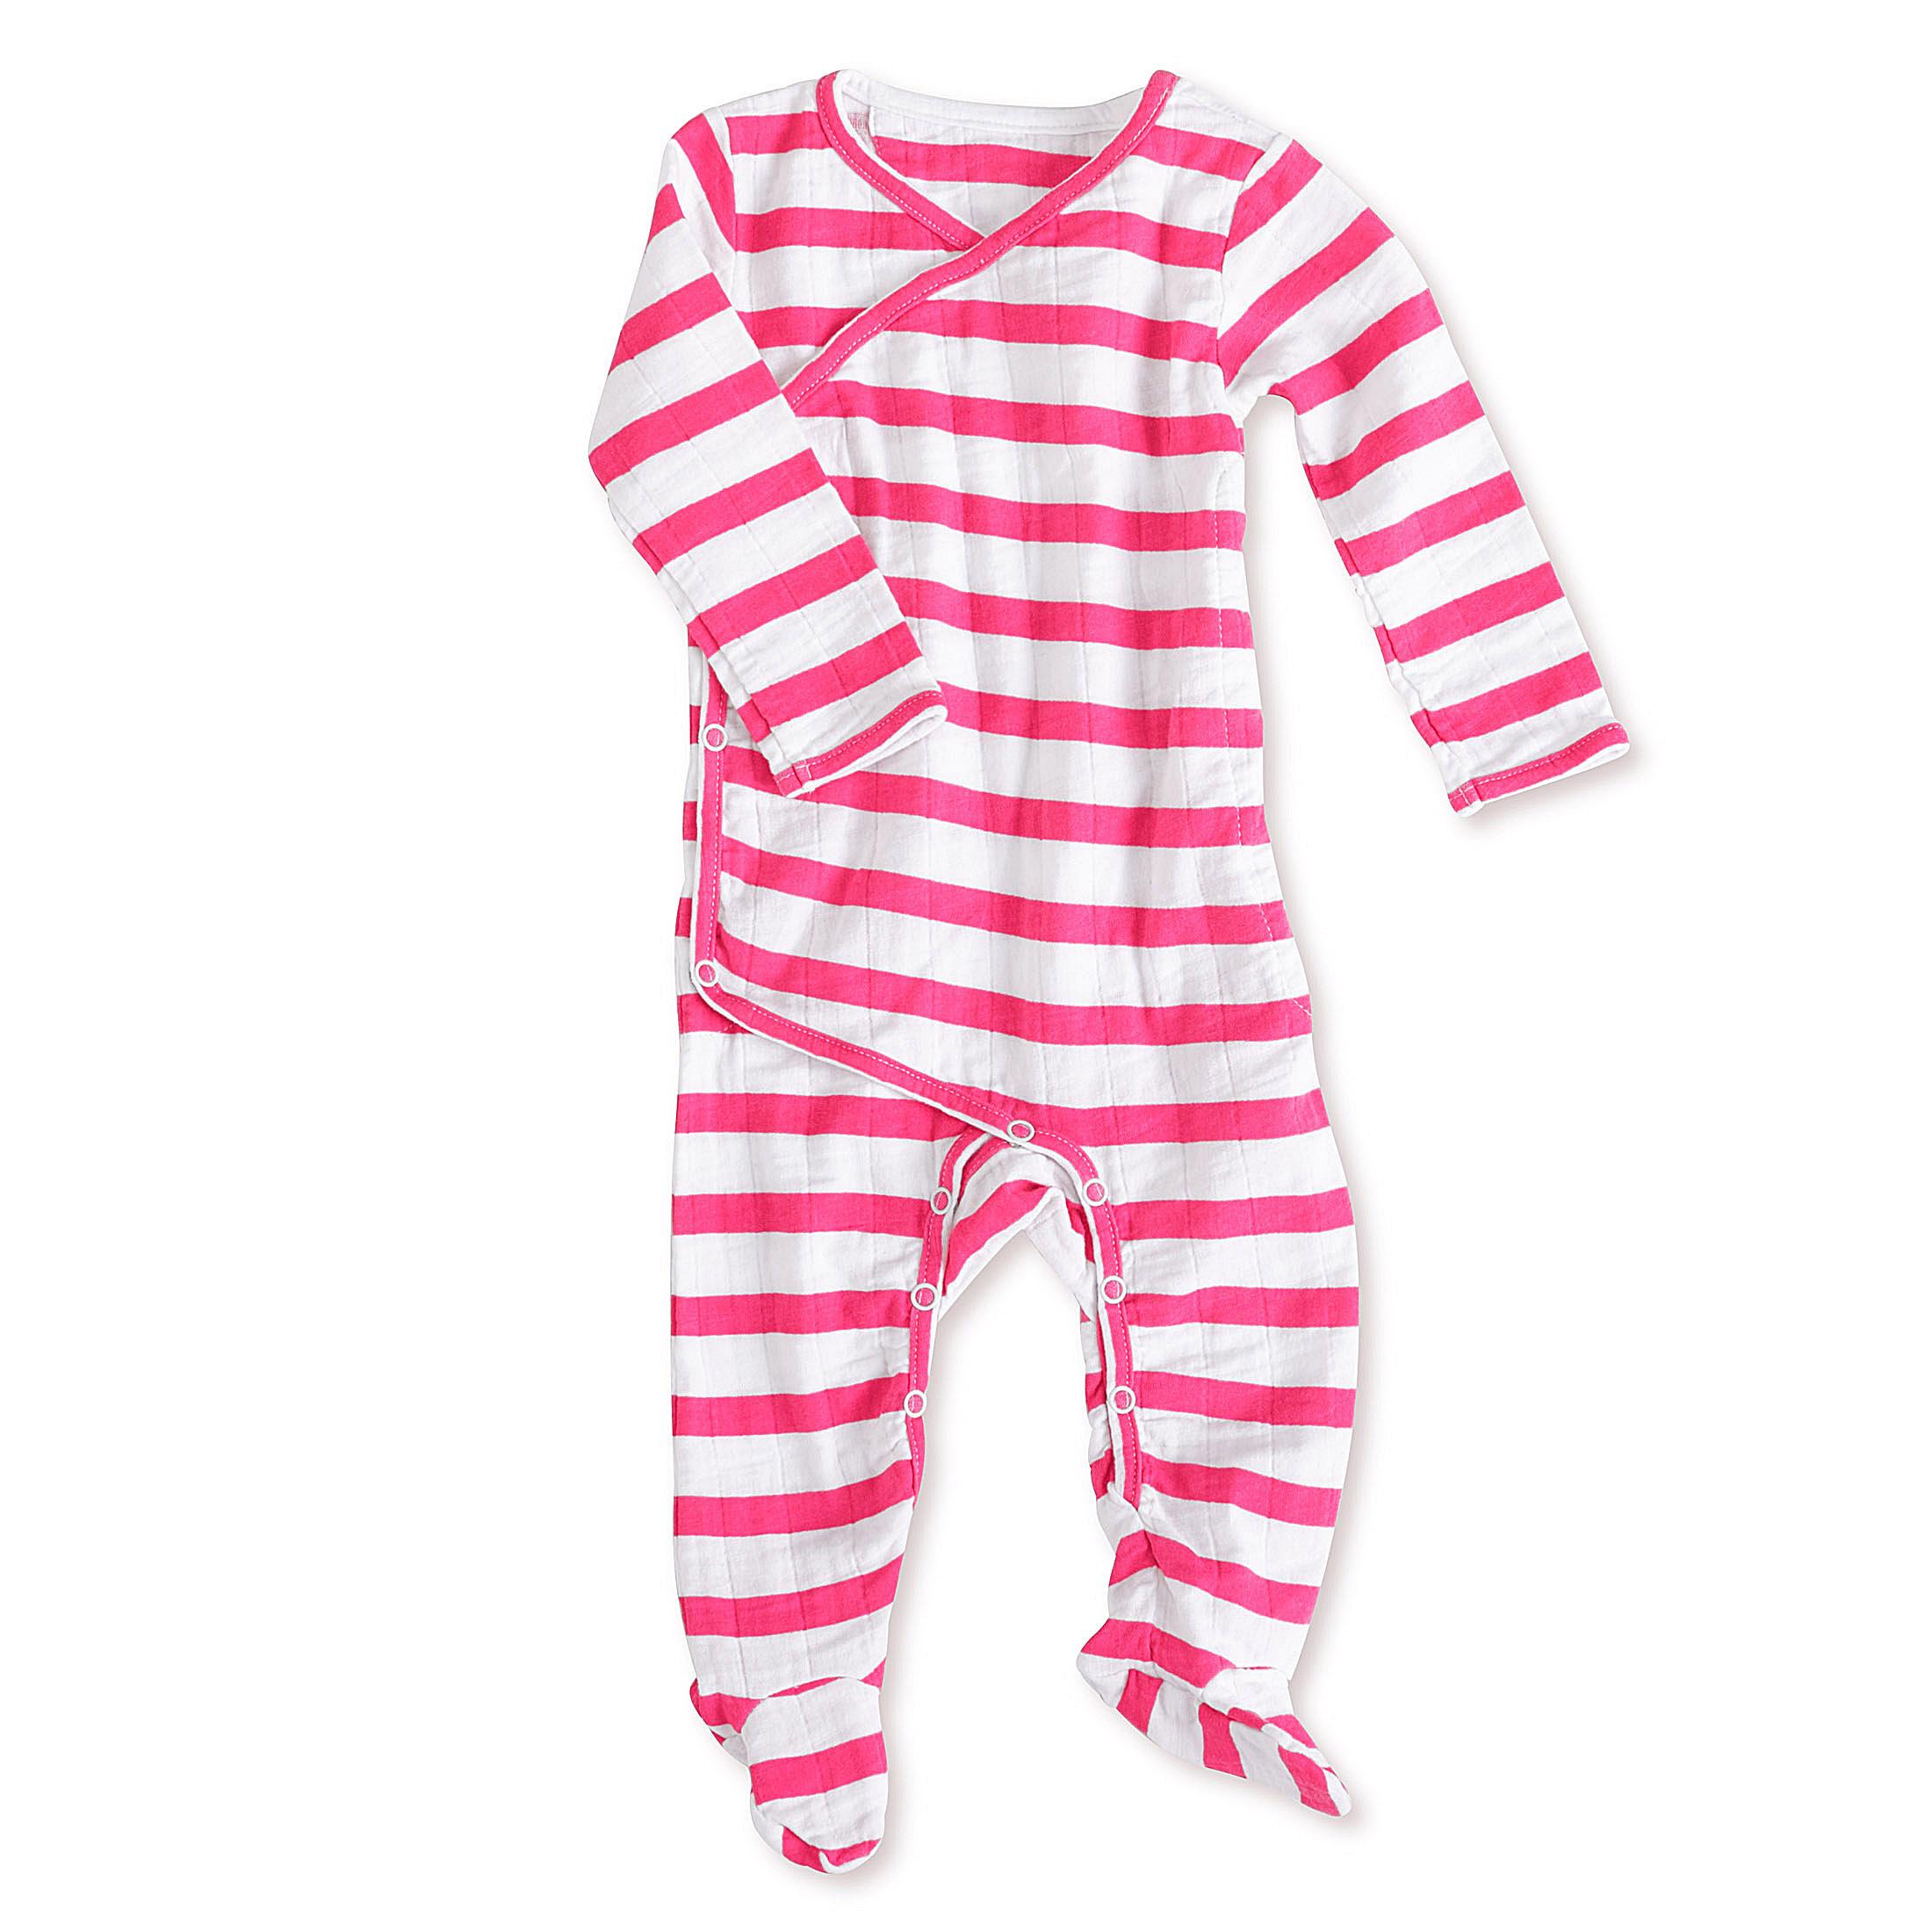 2508_1-pink-blazer-stripe-long-sleeve-kimono